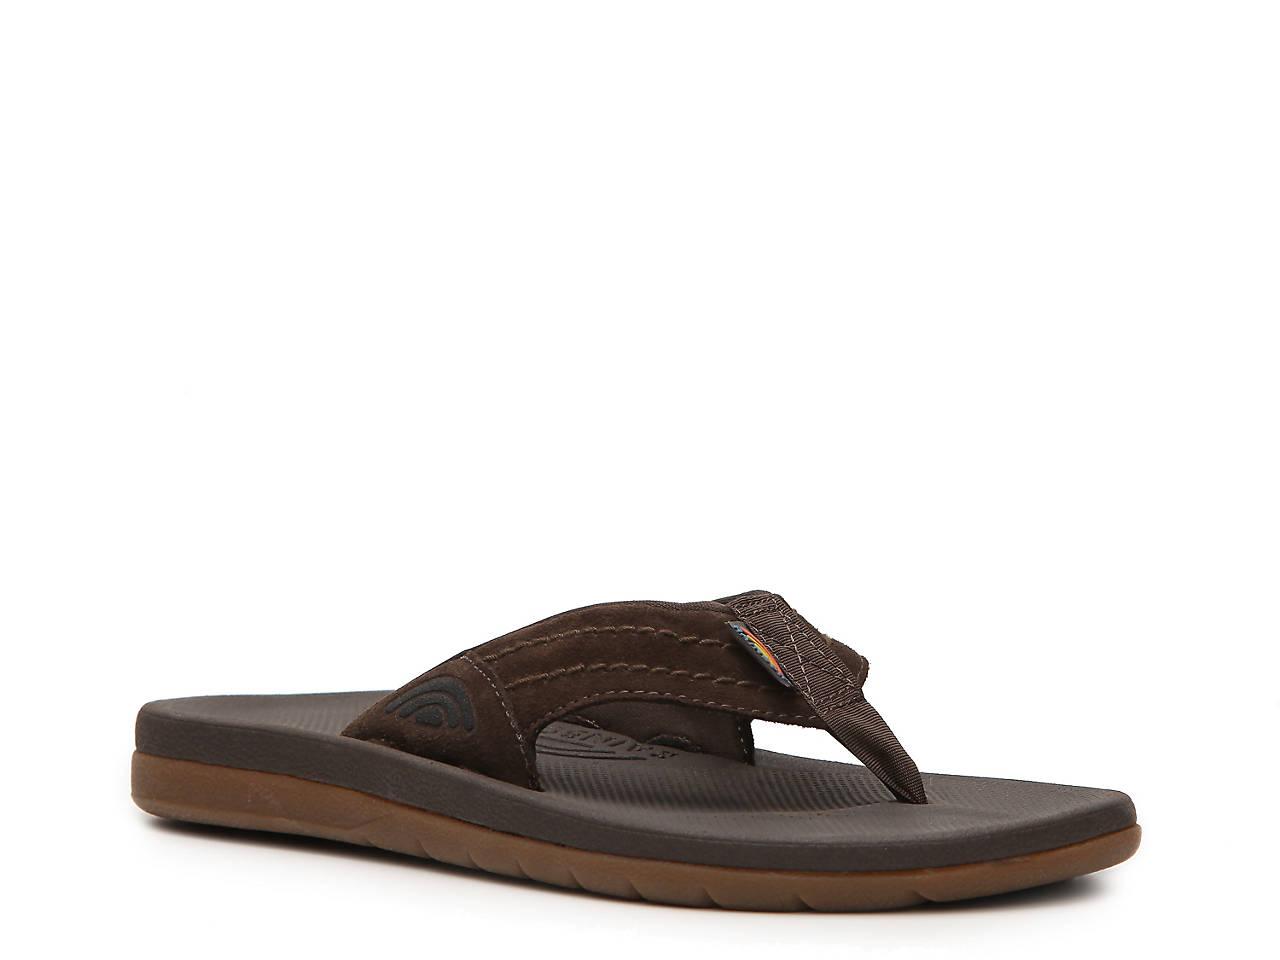 859e57b78151 Rainbow East Cape Sandal Men s Shoes